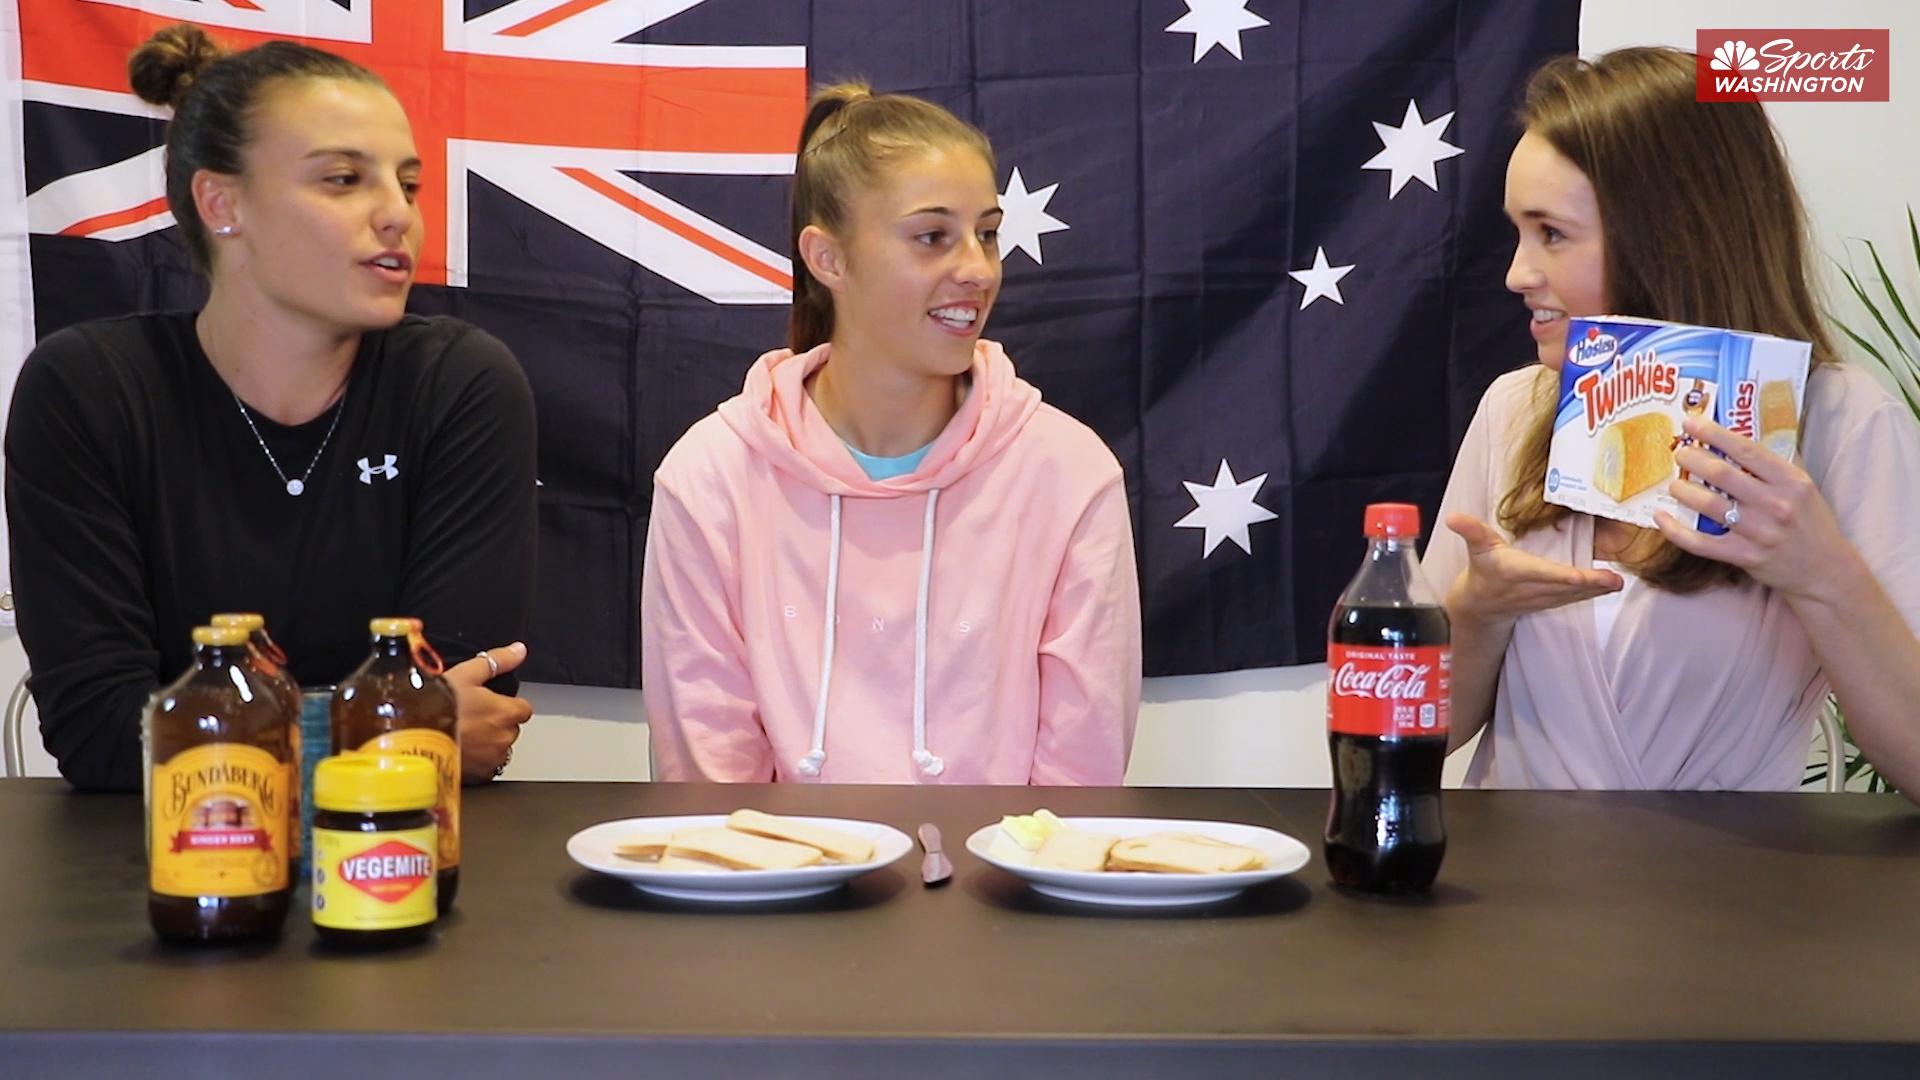 Washington Spirit Aussies taste test signature American treats